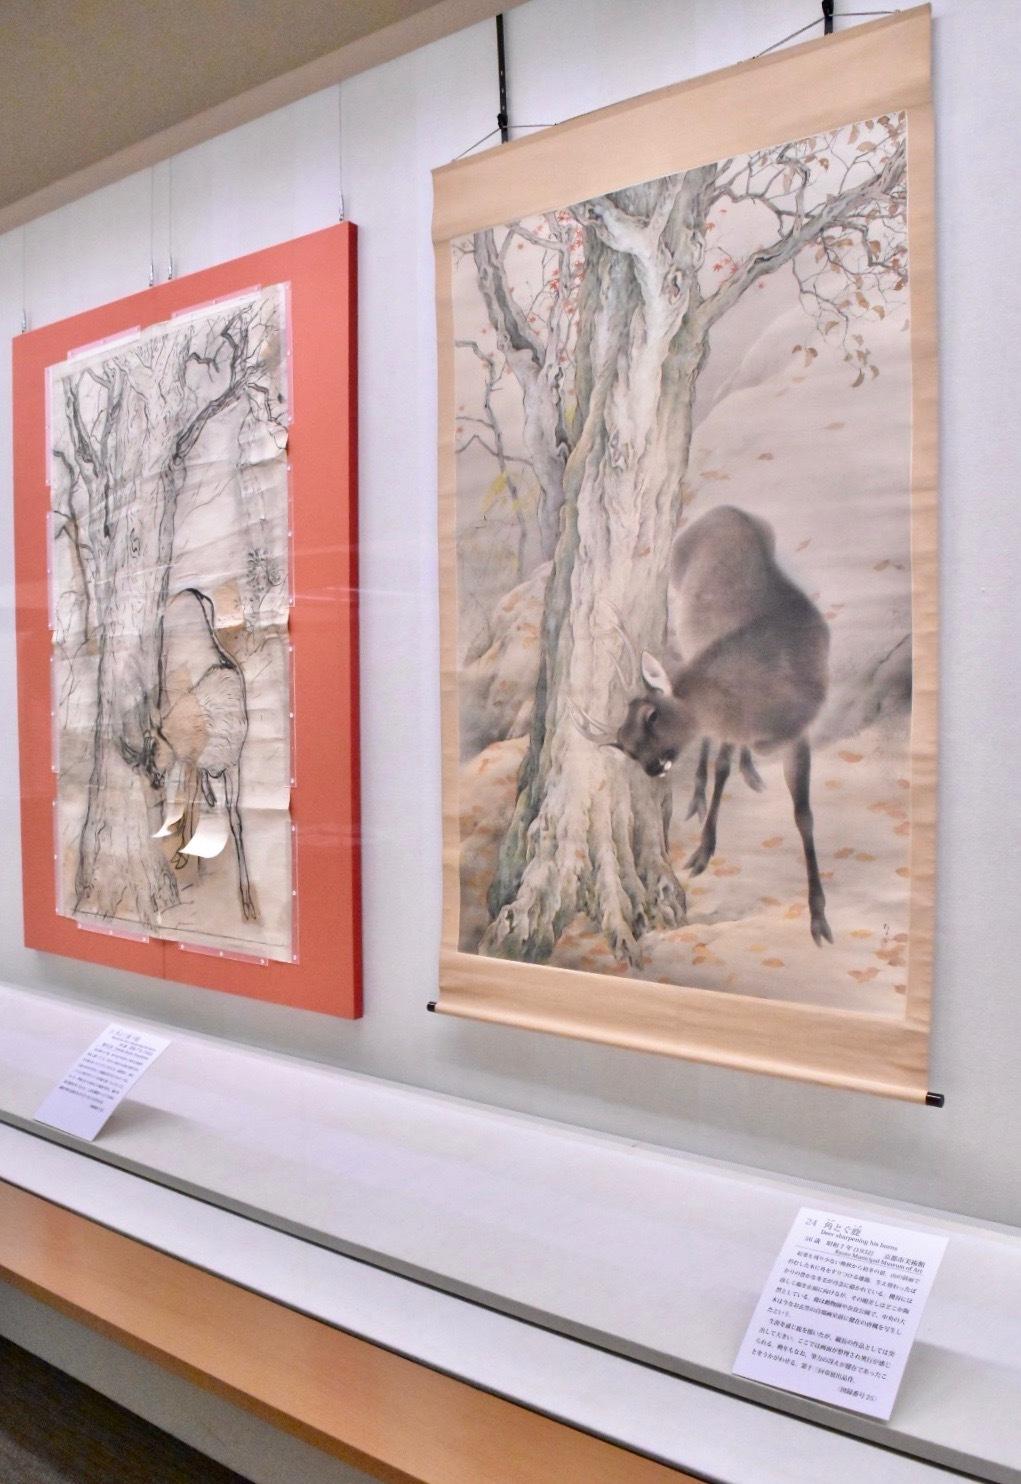 左:角とぐ鹿 昭和7年(1932)京都市美術館蔵 右奥:角とぐ鹿 下絵 昭和7年(1932)